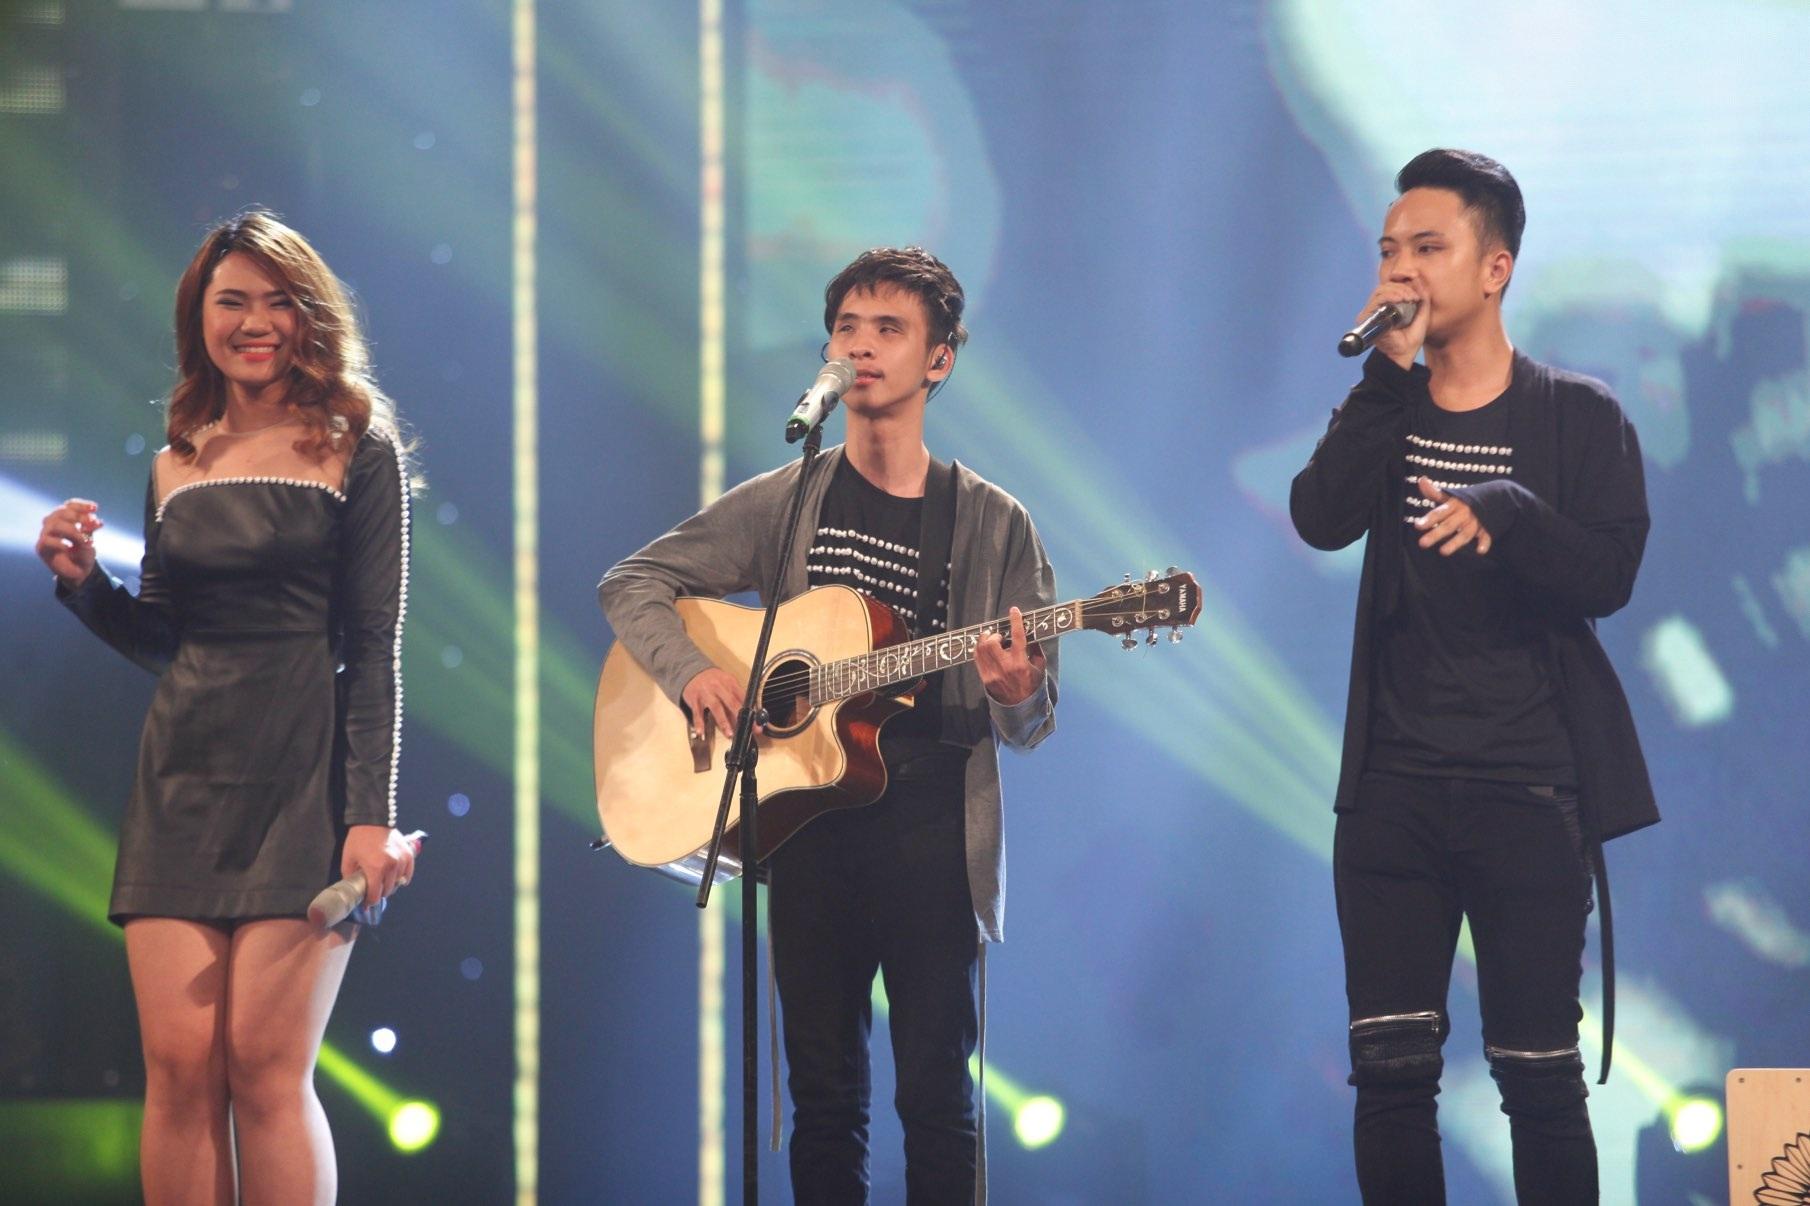 Hai thí sinh Kiến Văn, Quang Huy thể hiện ca khúc Anh và Đam Mê, cả hai tạo được sự thu hút bởi cách biểu diễn đầy nhiệt huyết và cháy hết mình.